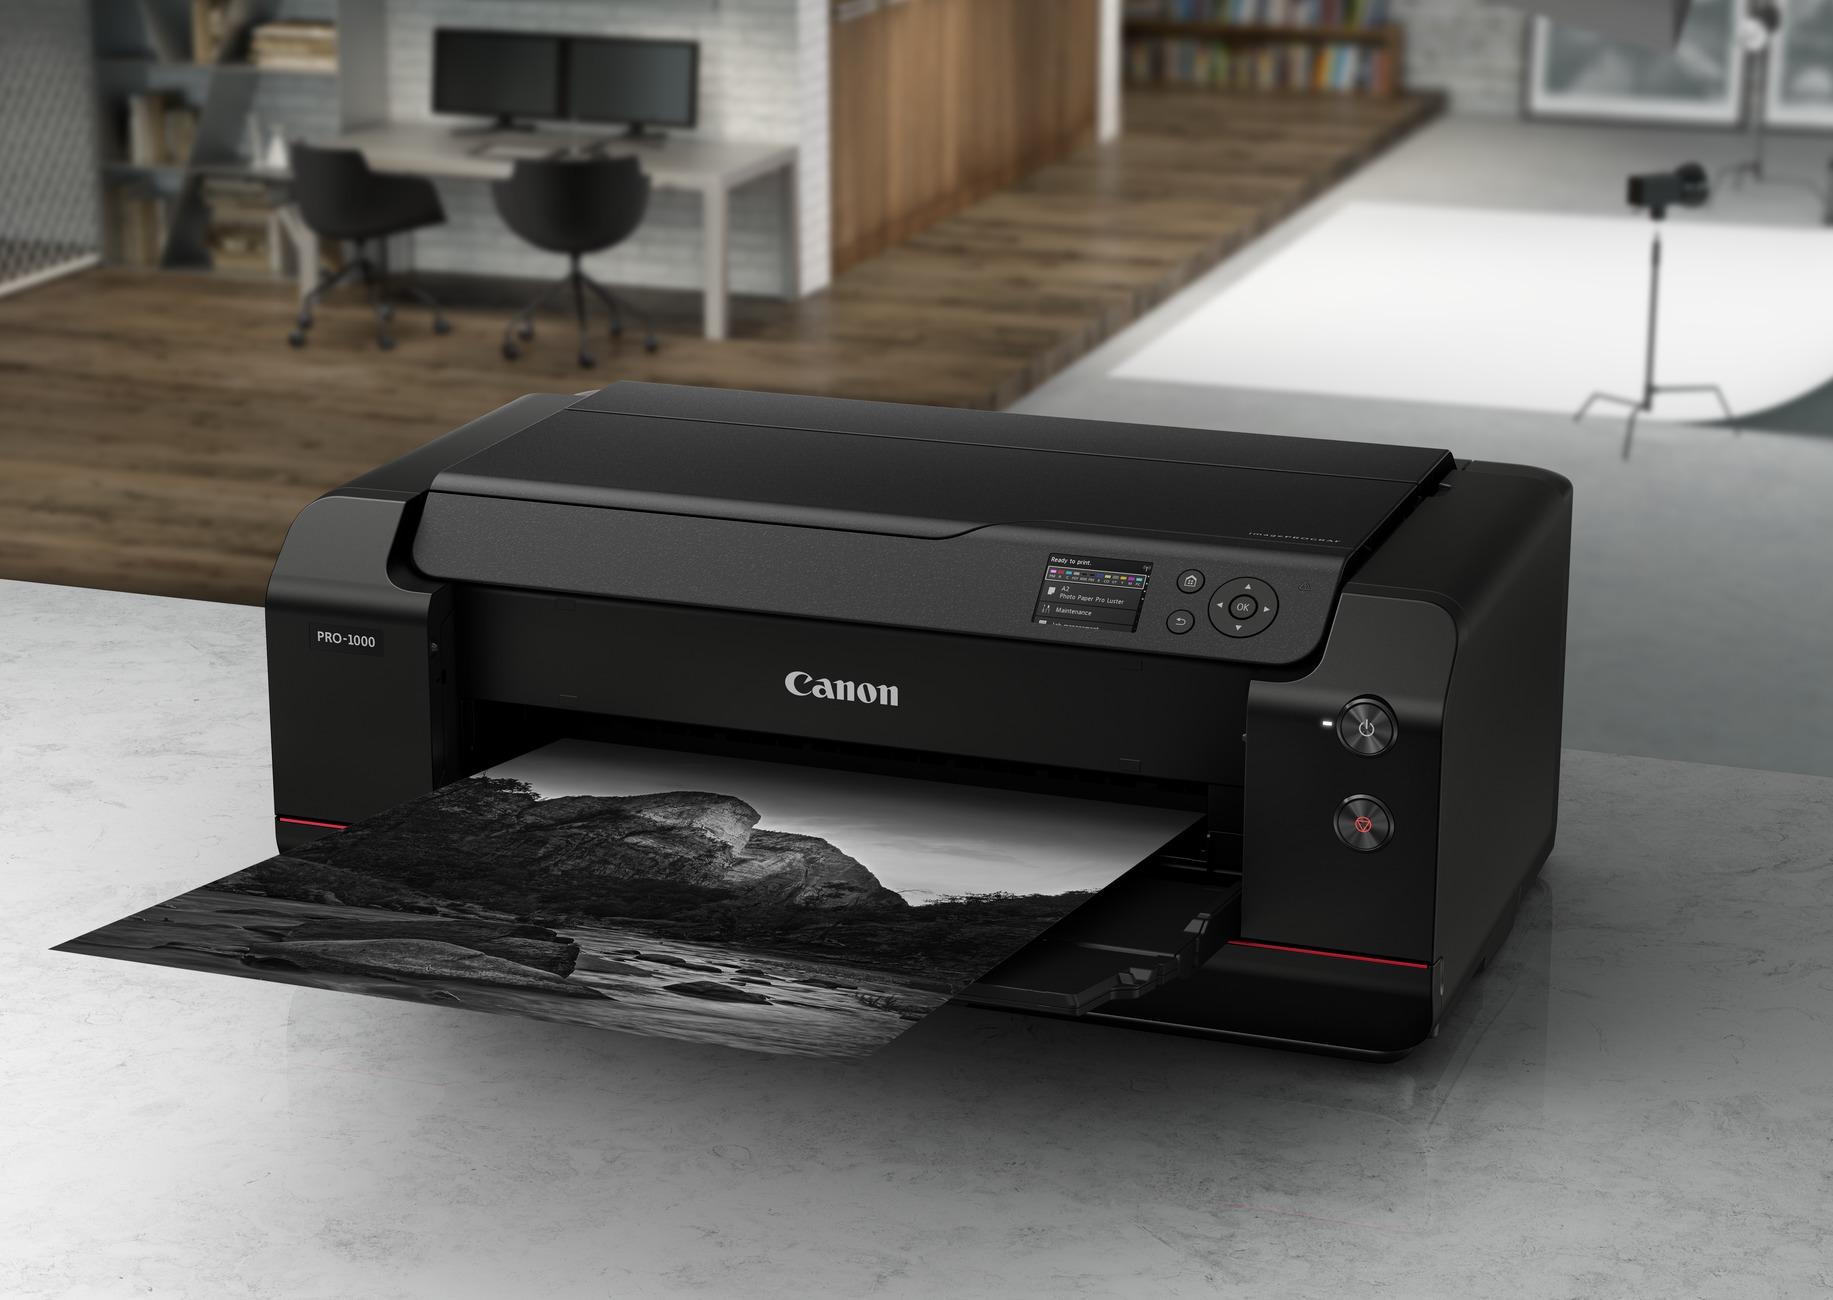 Canon predstavlja imagePROGRAF PRO-1000 foto štampač